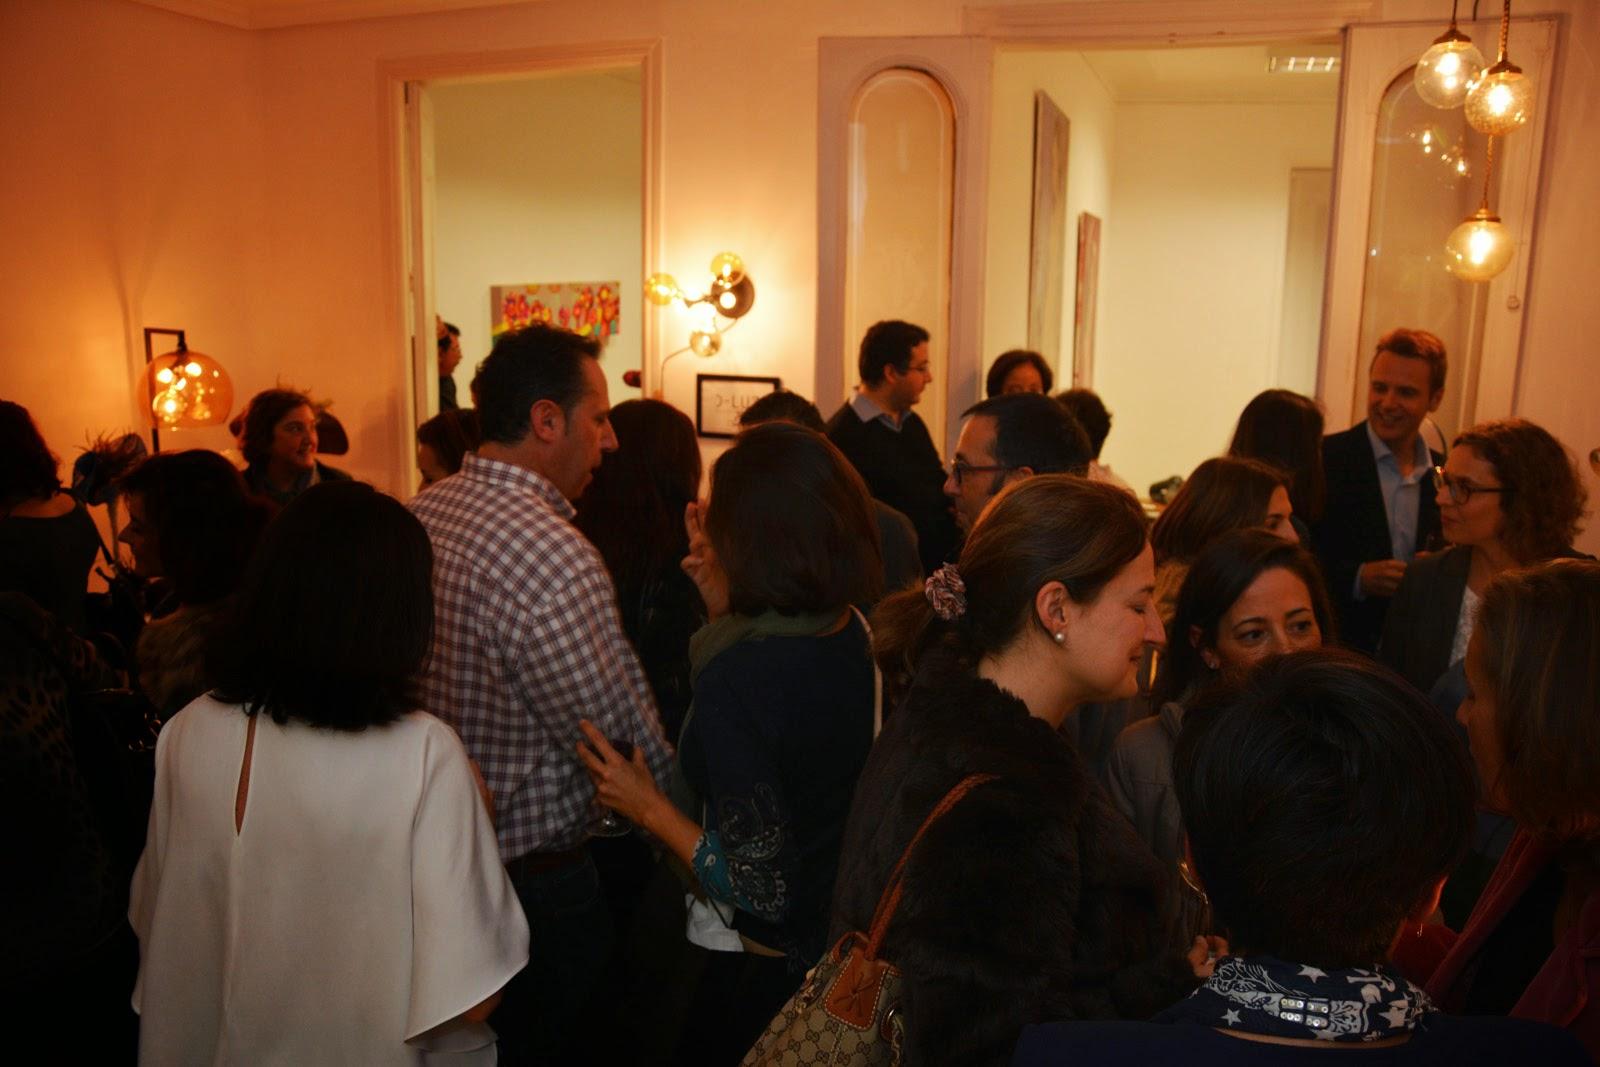 Soul Room, DeCuatro Catering, Kos-León, Barbara Beld, El Almacen de Papel, Maria Soledad Pezuela, Bicho de Luz, D-Luz,  Juan Rivero, Carmen Hummer, Lifestyle, Fashion blogger, evento, arte, cultura y moda